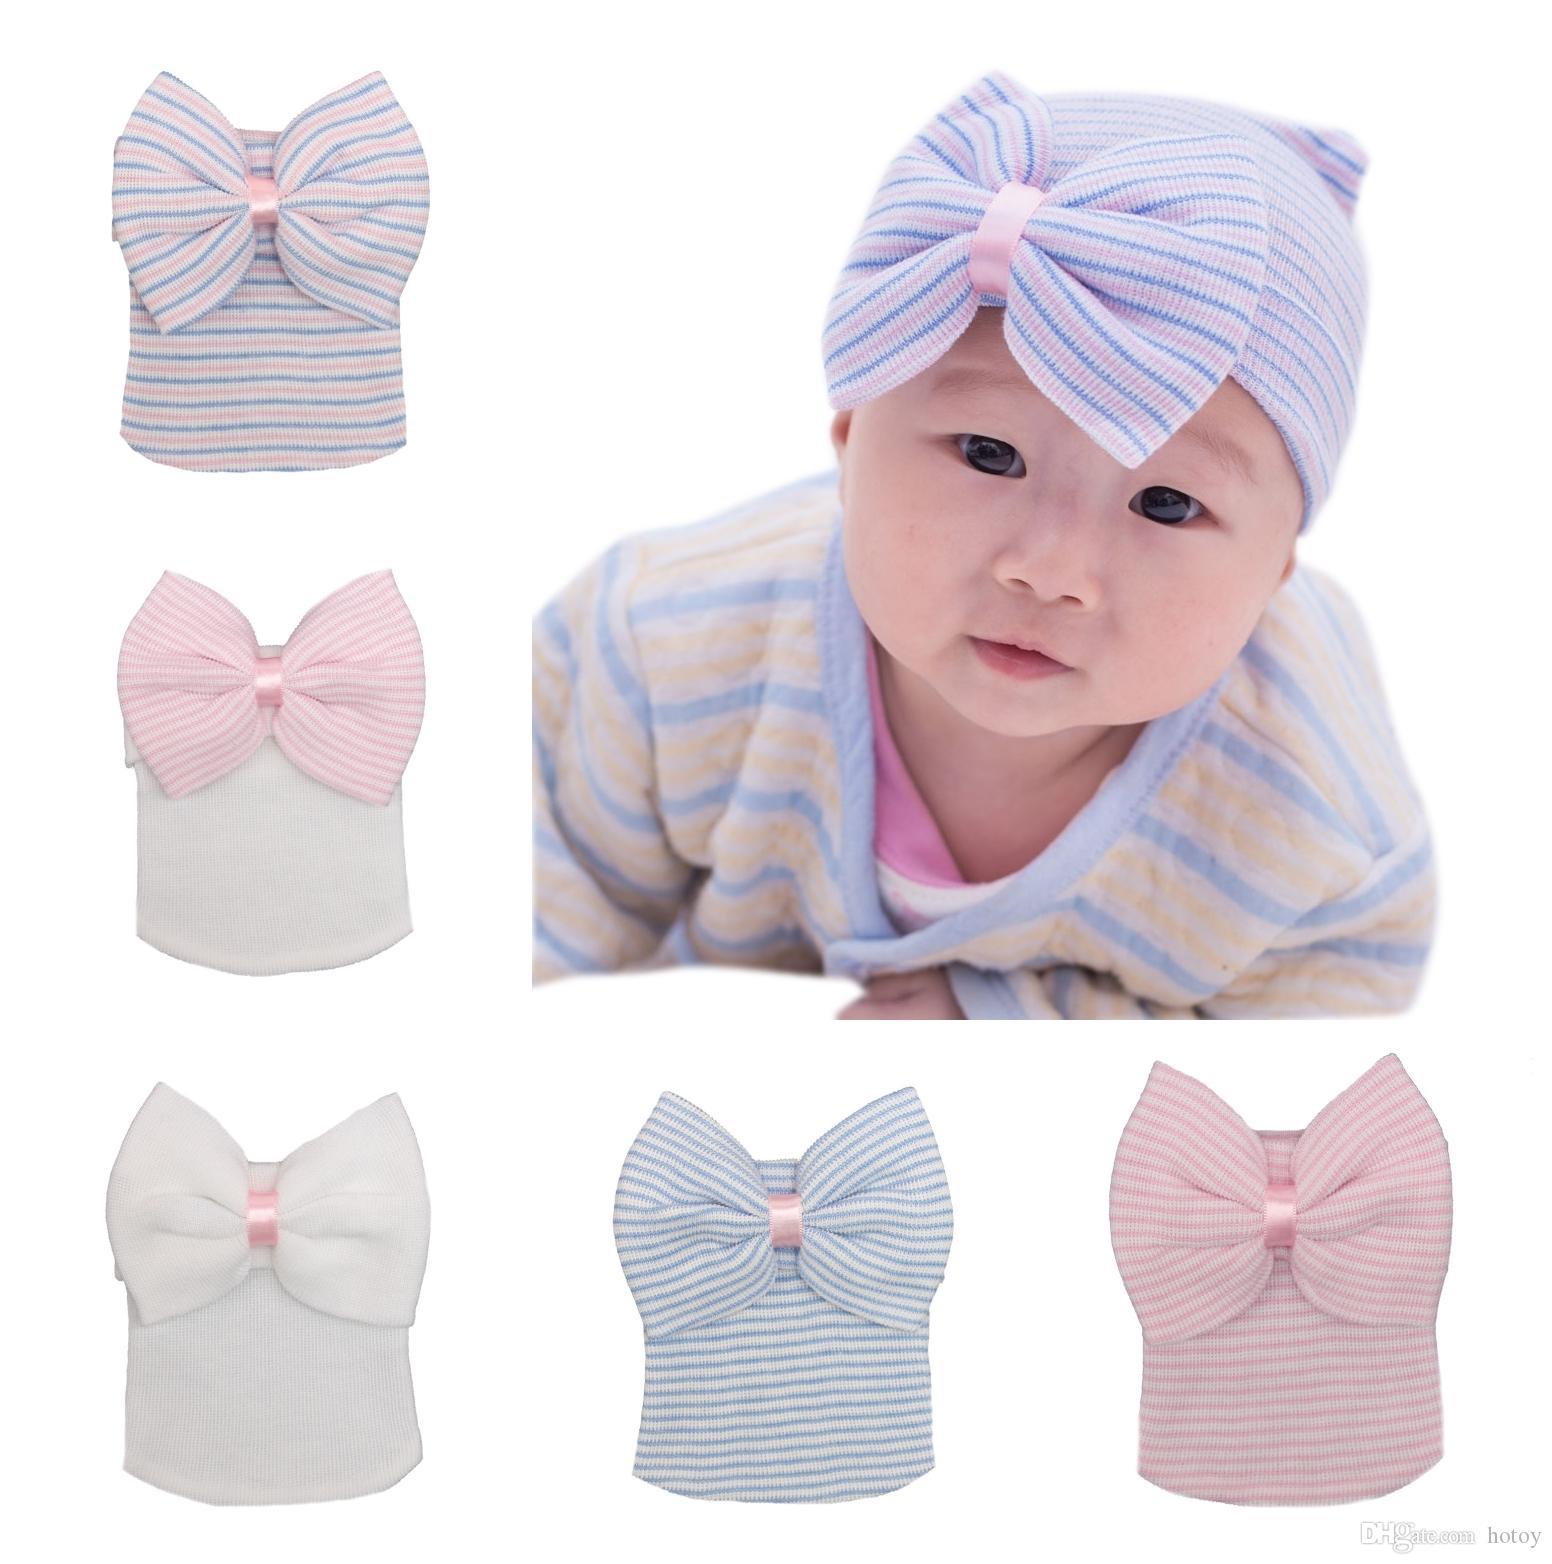 Großhandel Mode Bowtie Hüte Babys Mädchen Jungen Tiara Winter Warme ...